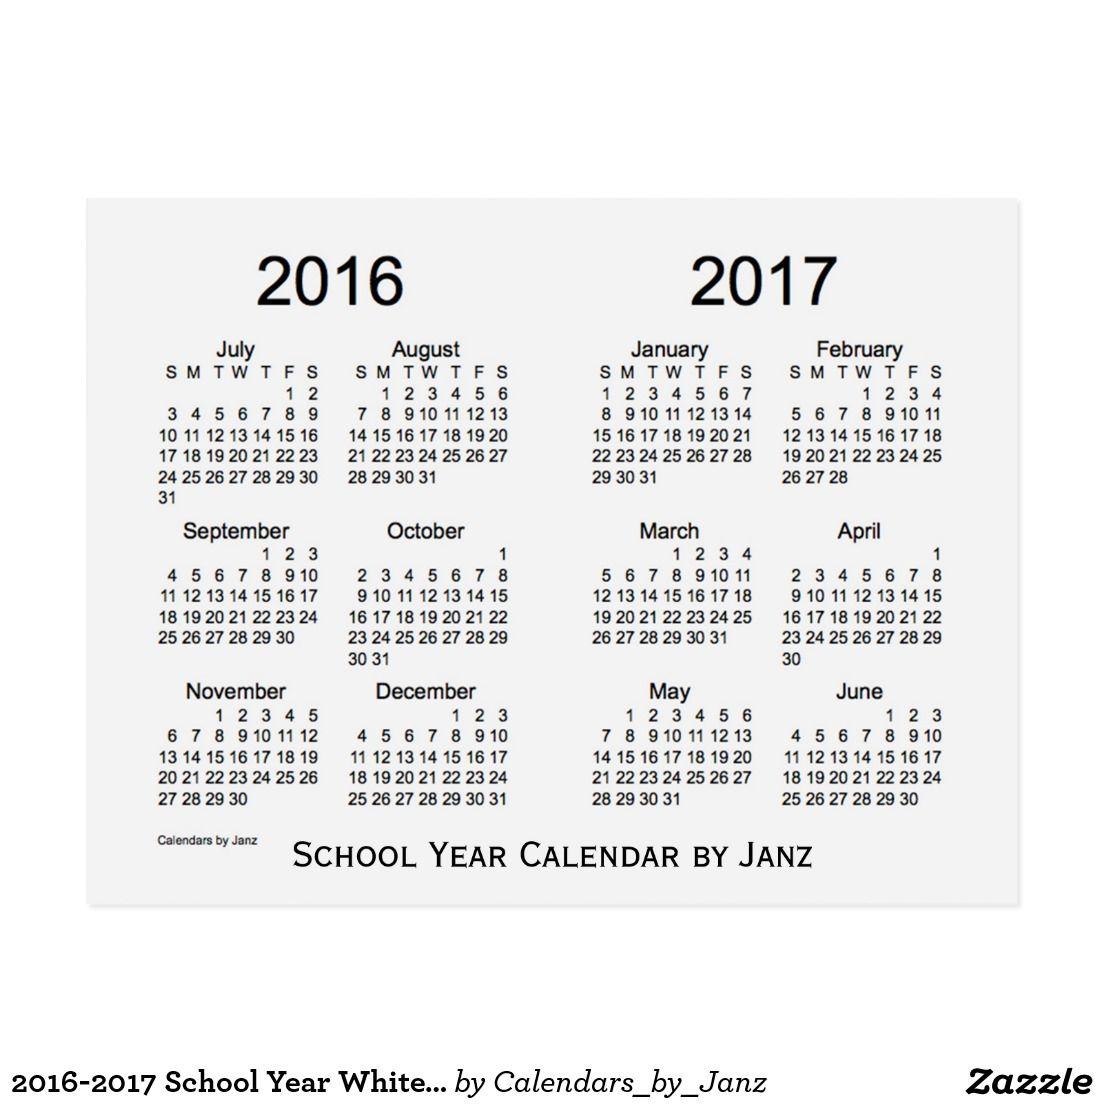 2016-2017 School Year White Smoke Calendar by Janz Postcard